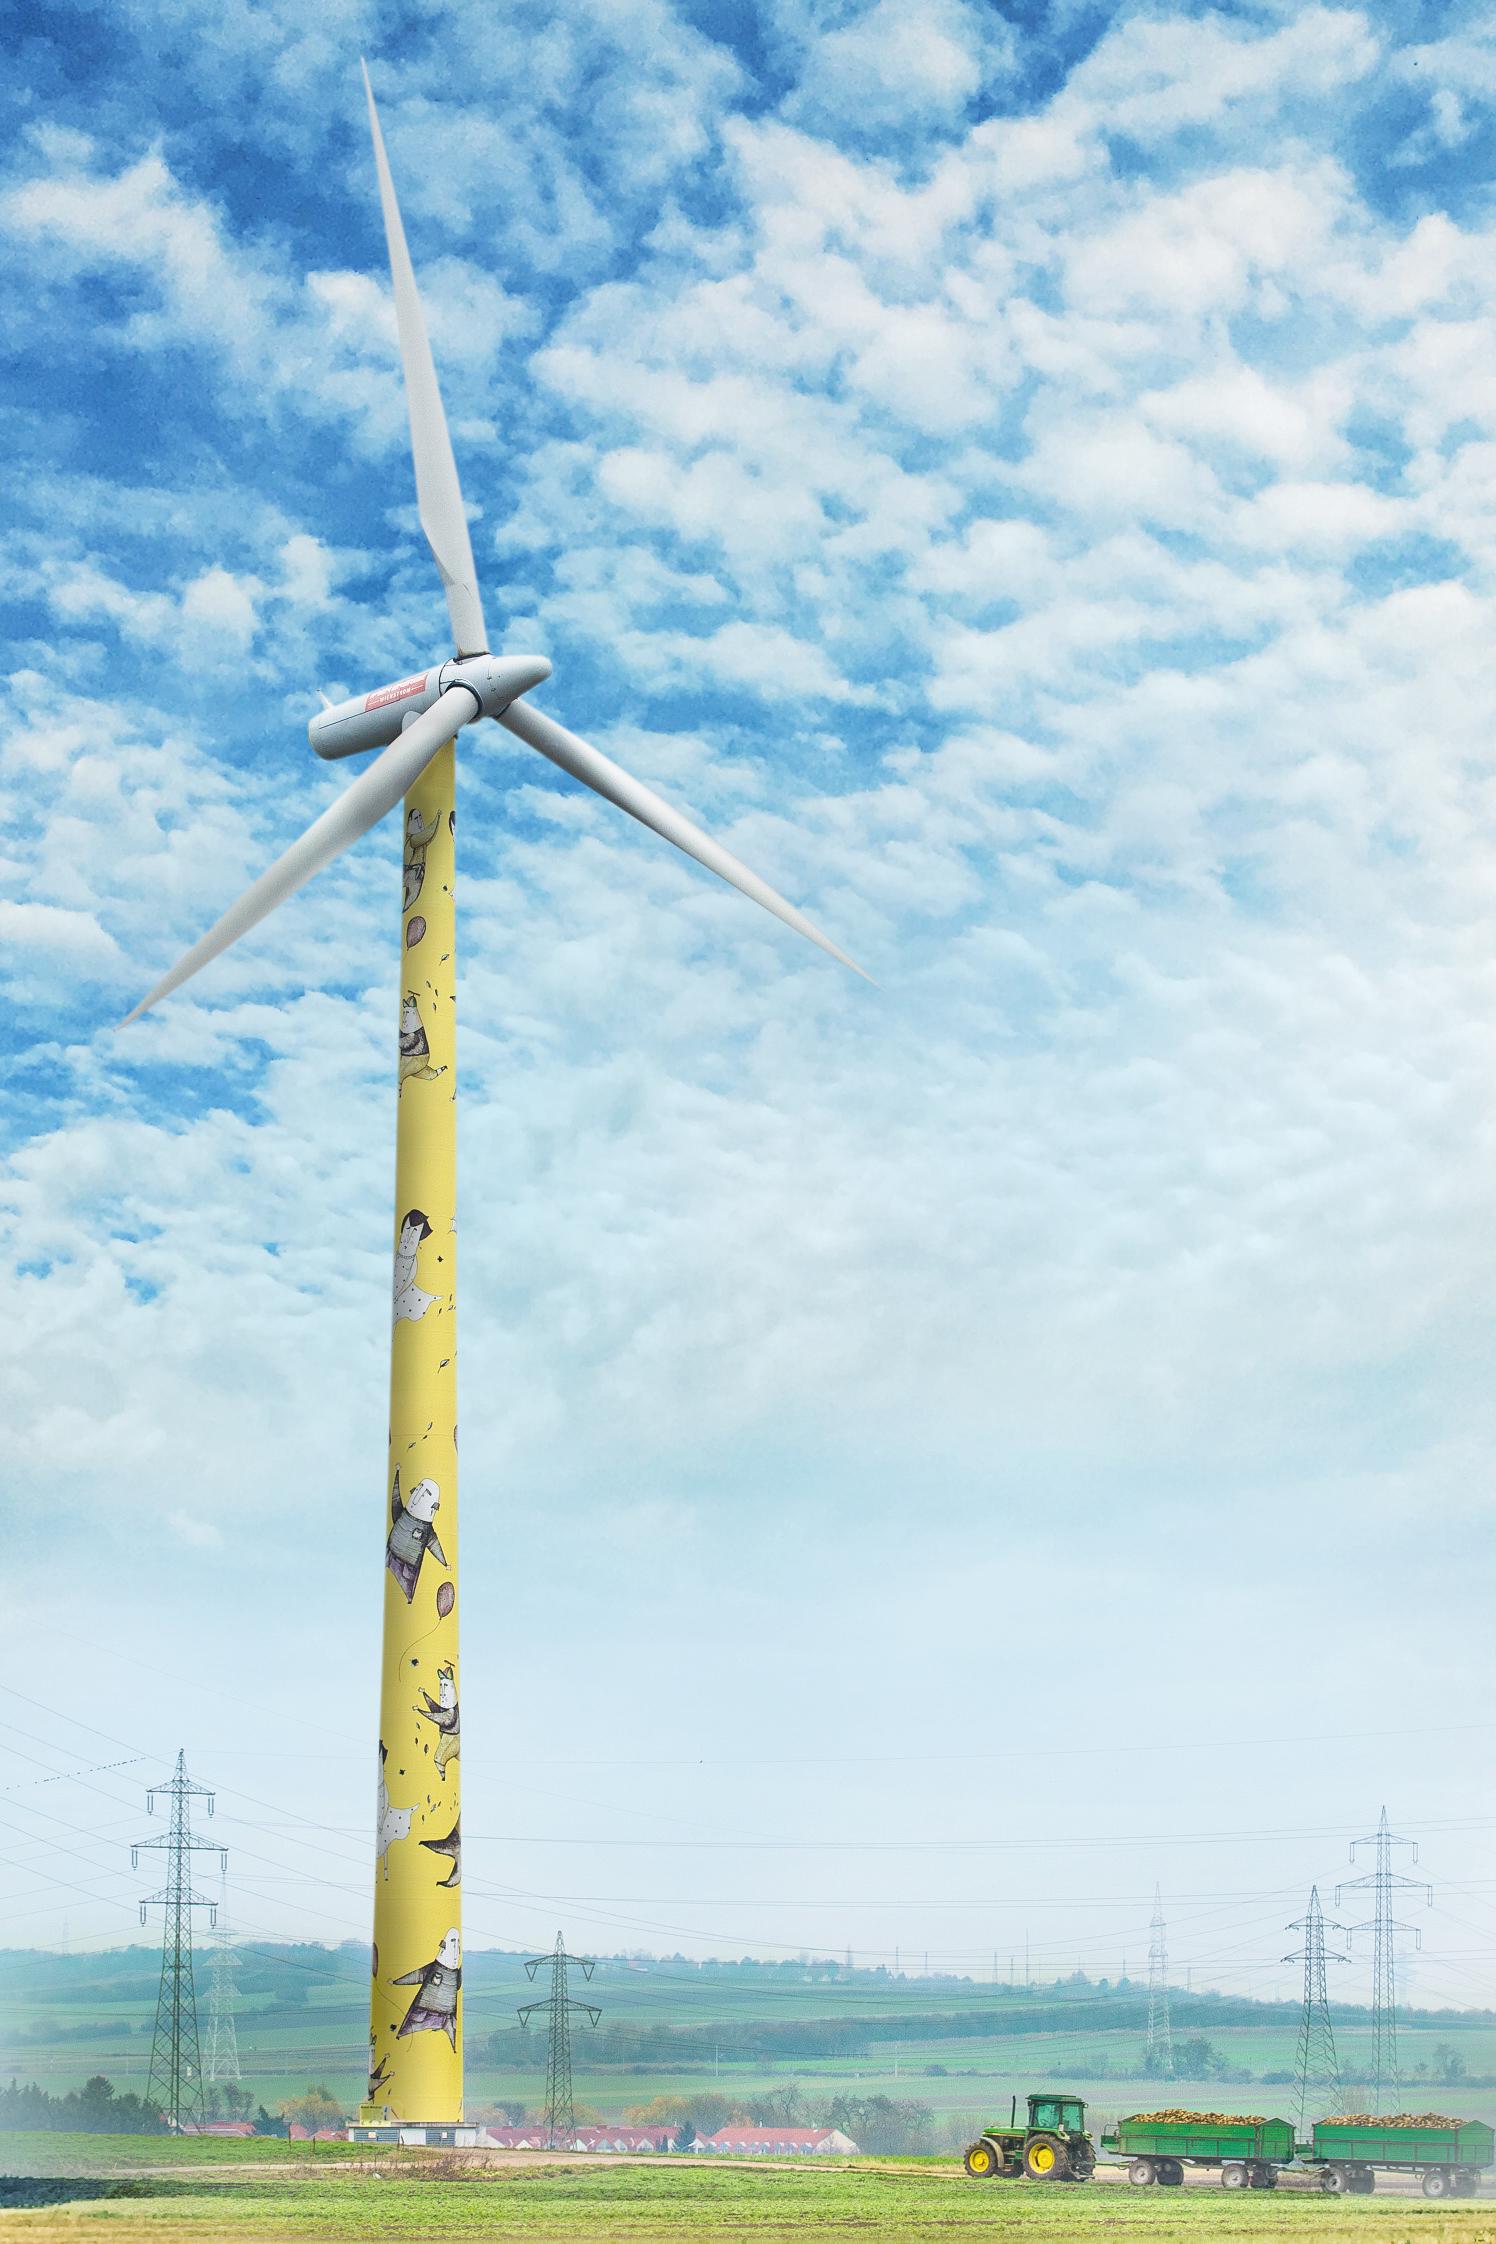 Kunstwindrad im Windpark Unterlaa © Astrid Knie